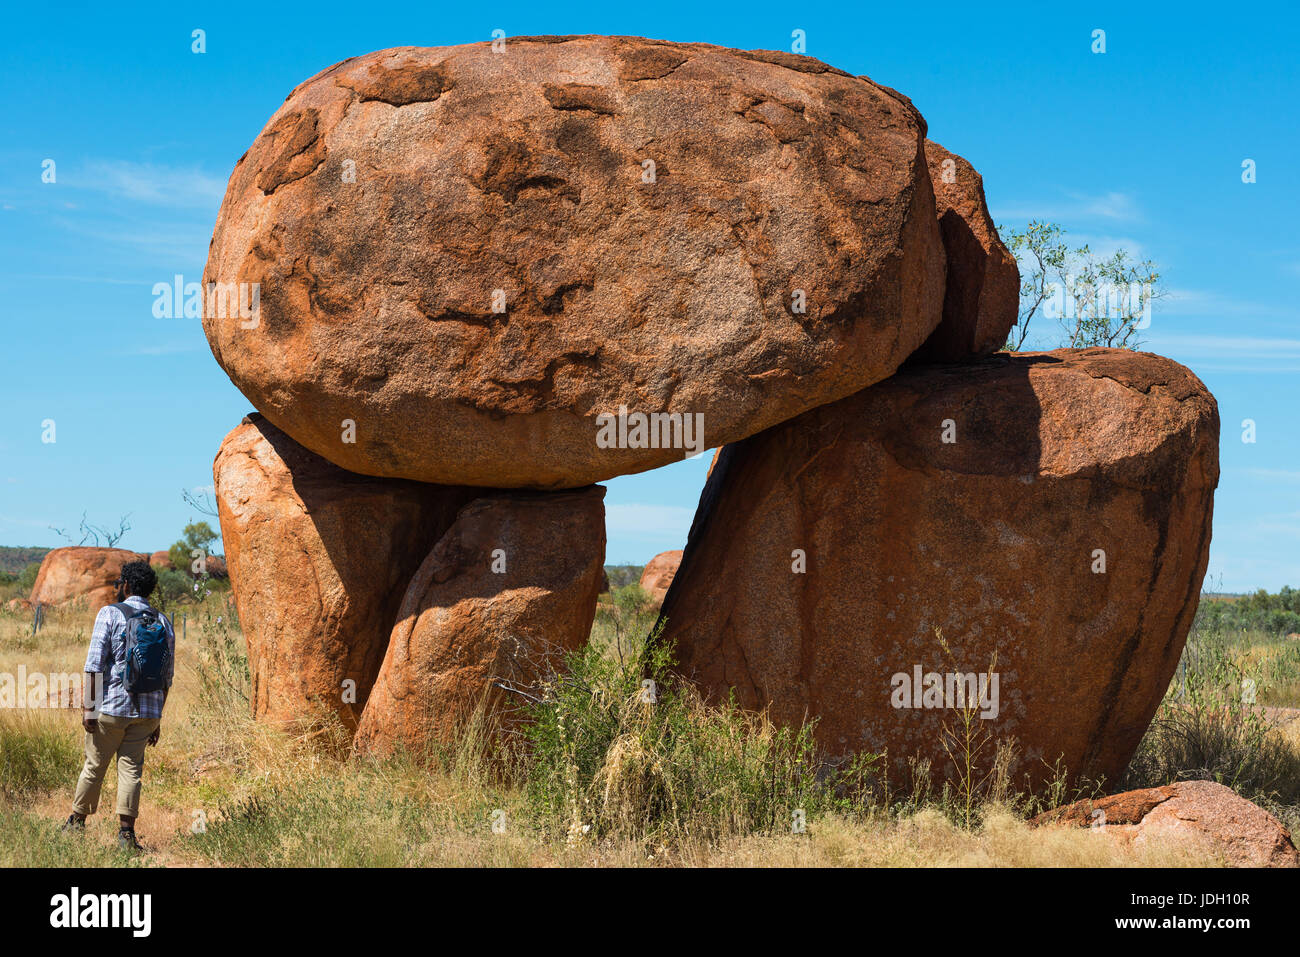 Devils Marbles - Felsen aus rotem Granit sind auf Grundgestein, Australien, Northern Territory ausgeglichen. Stockfoto